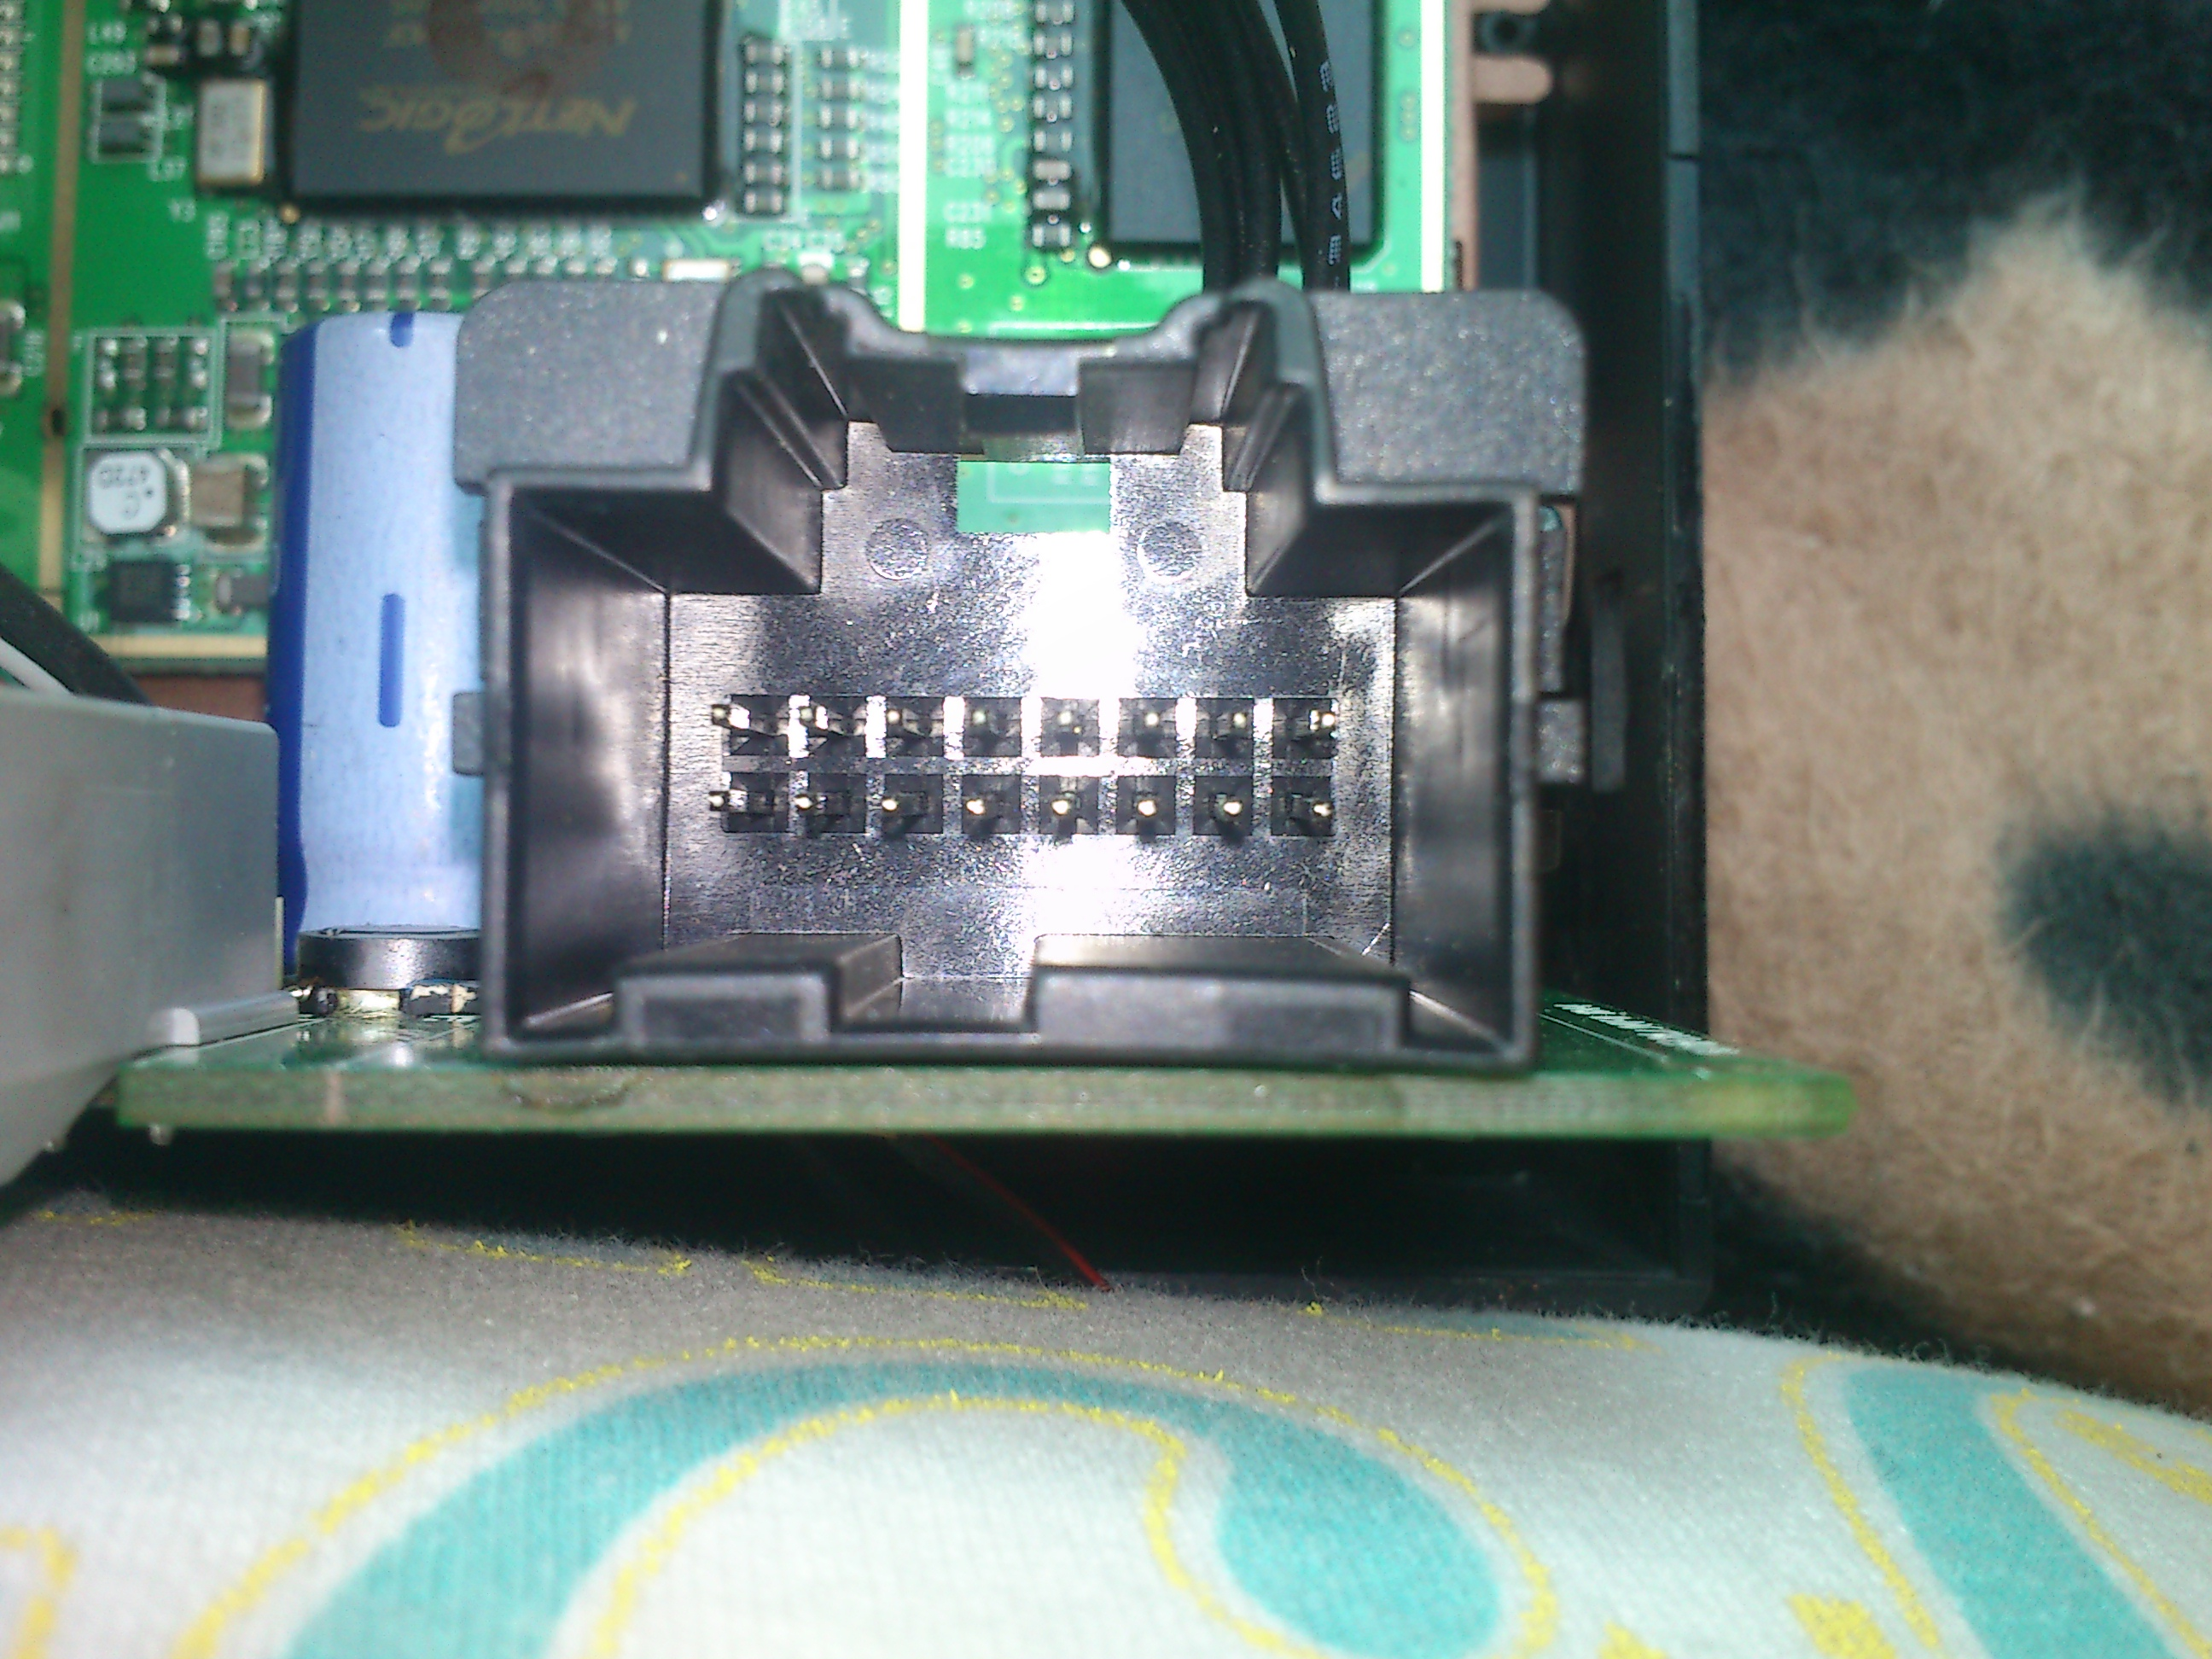 Nawigacja Daewoo NVO-10D008 jak to pod��czy�?